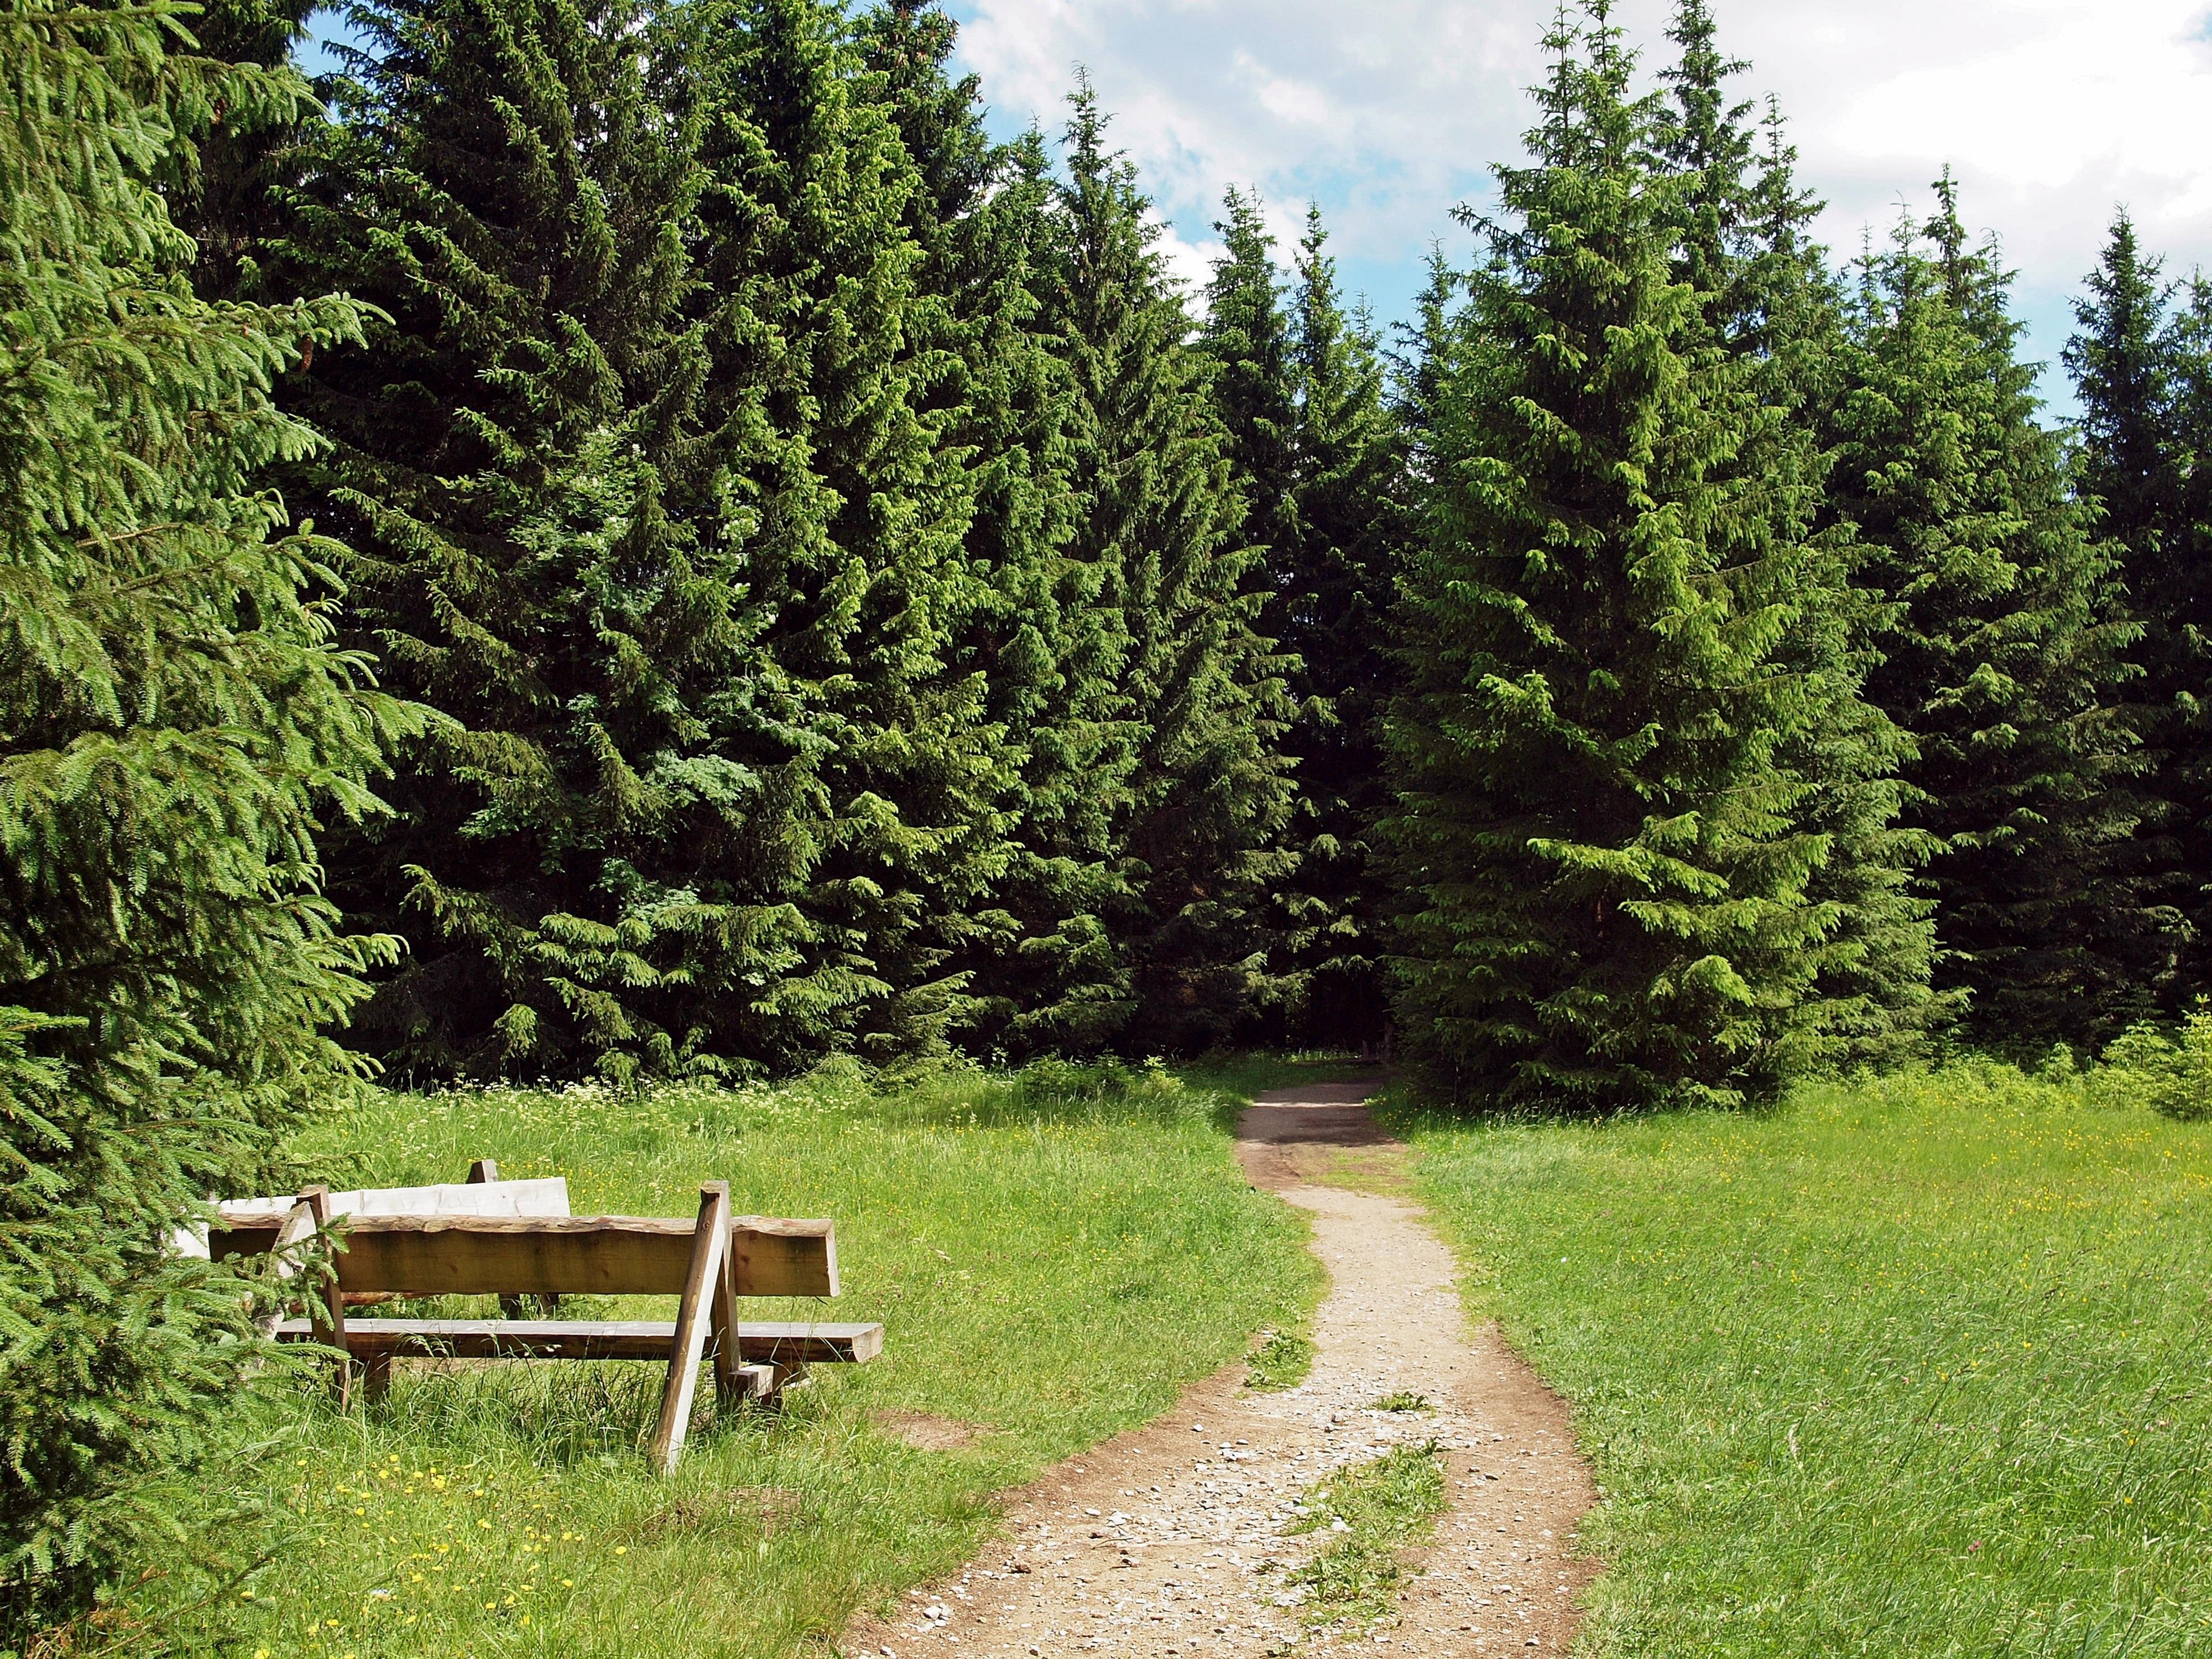 Fotos Gratis : árbol, Naturaleza, Bosque, Planta, Sendero